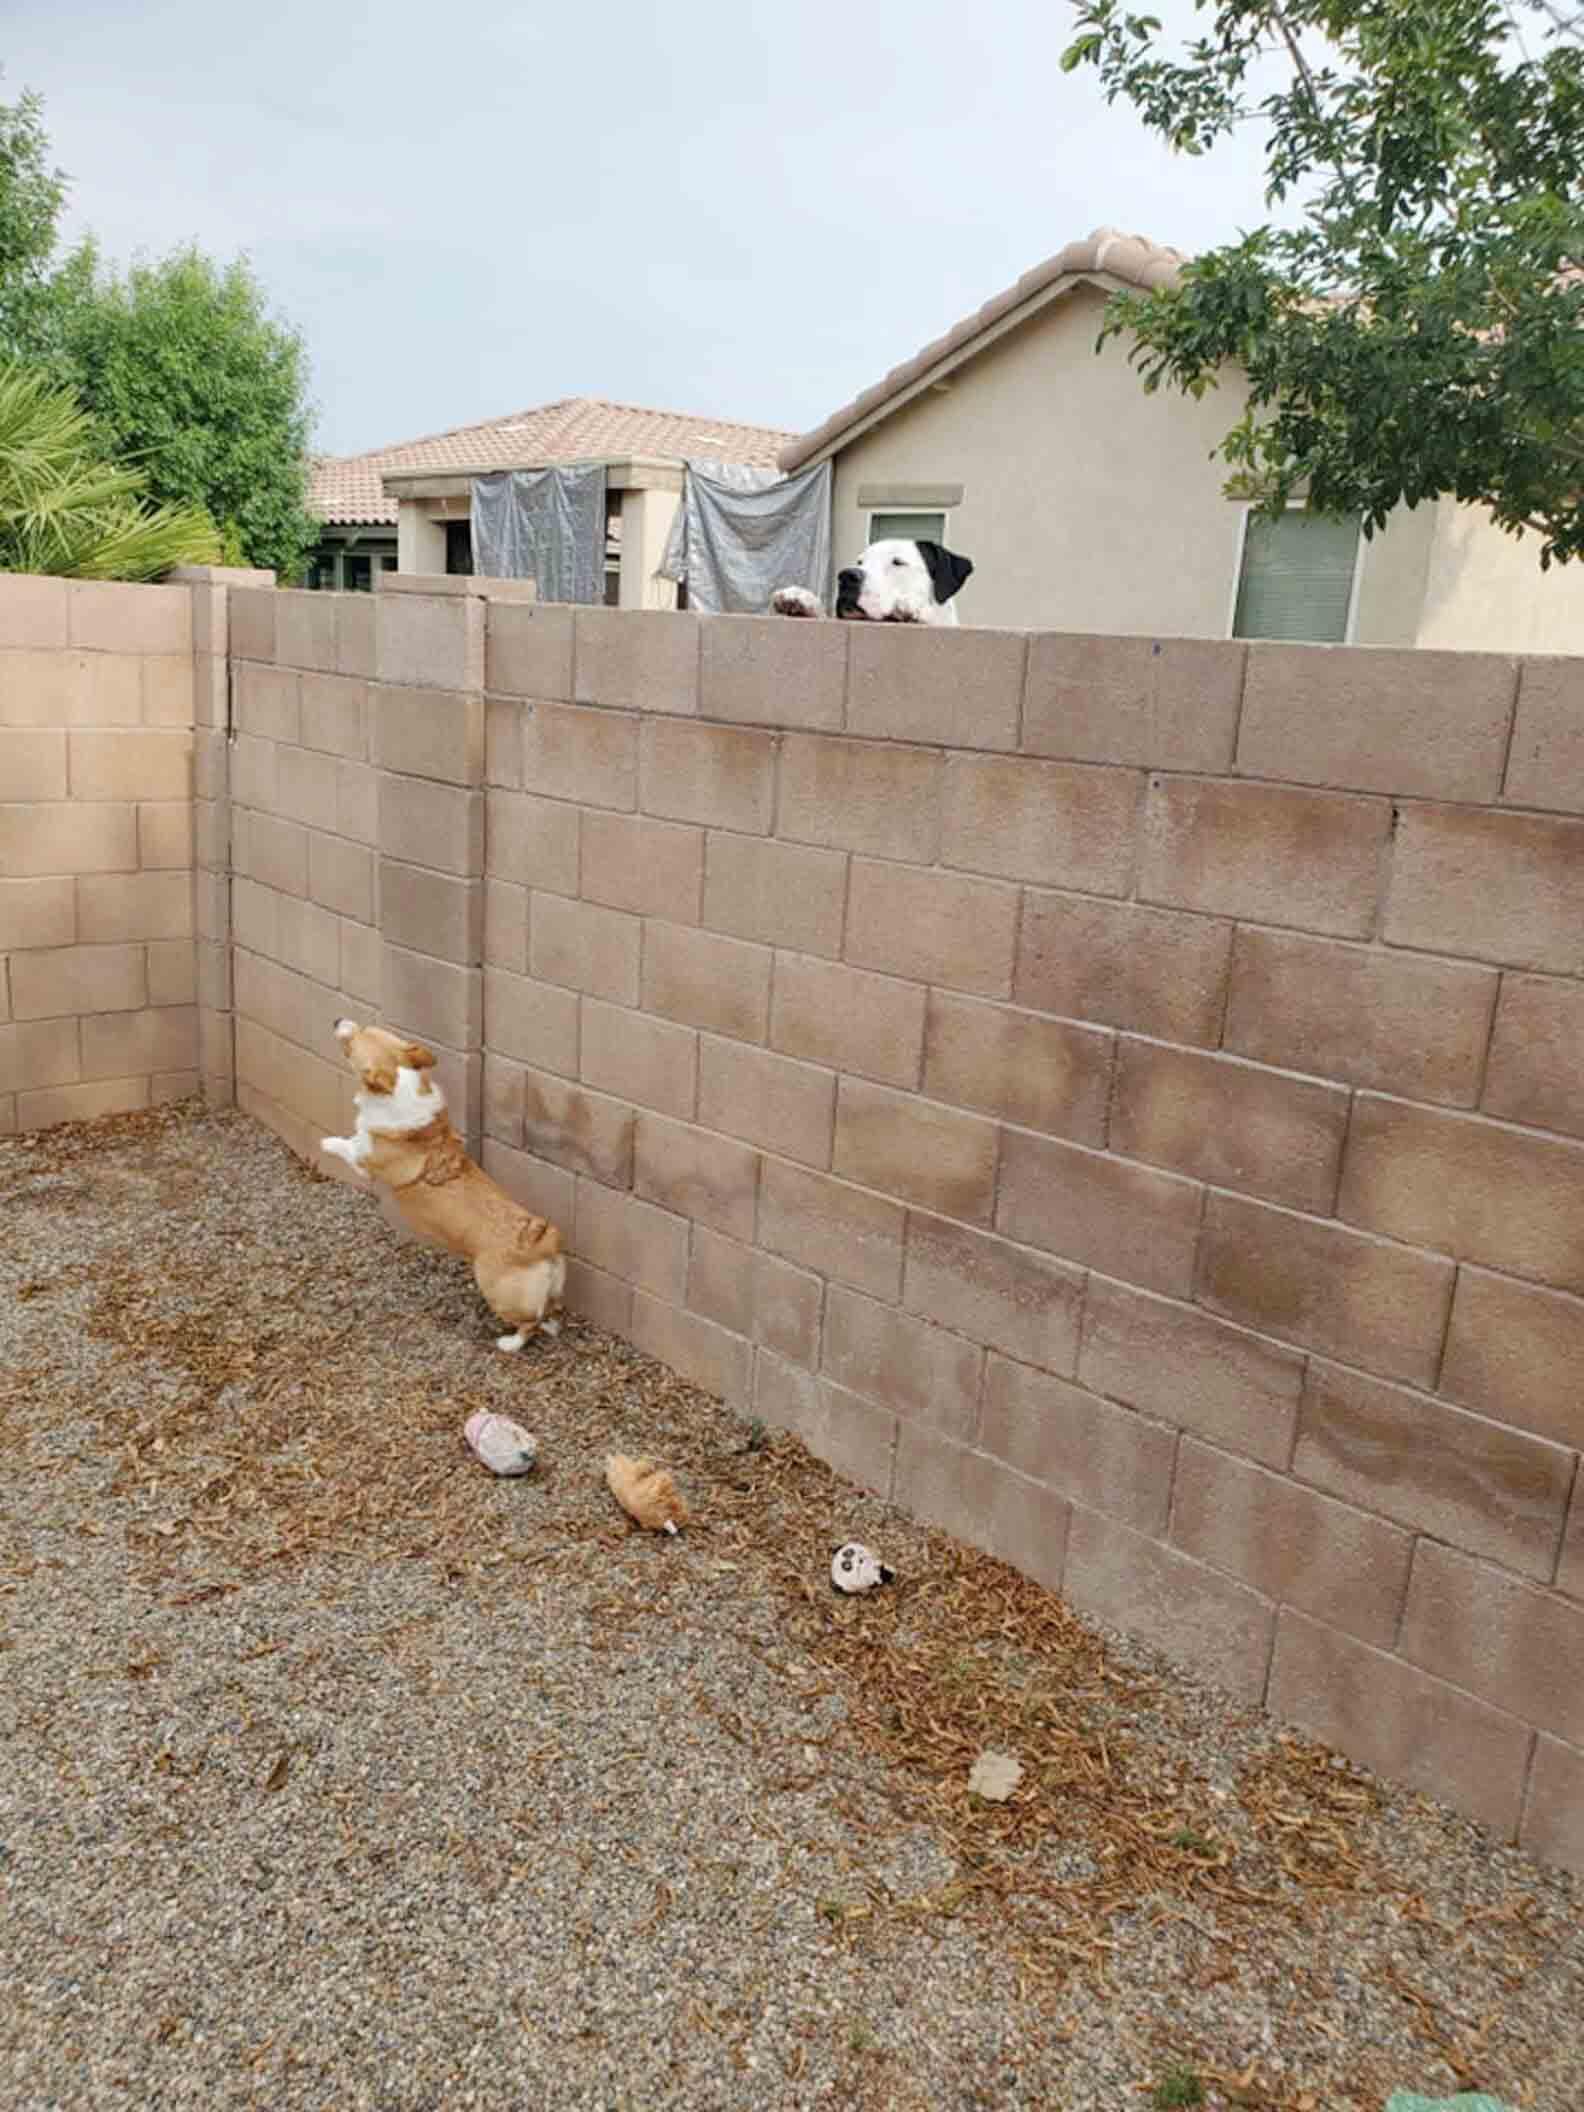 Perritos en la cerca